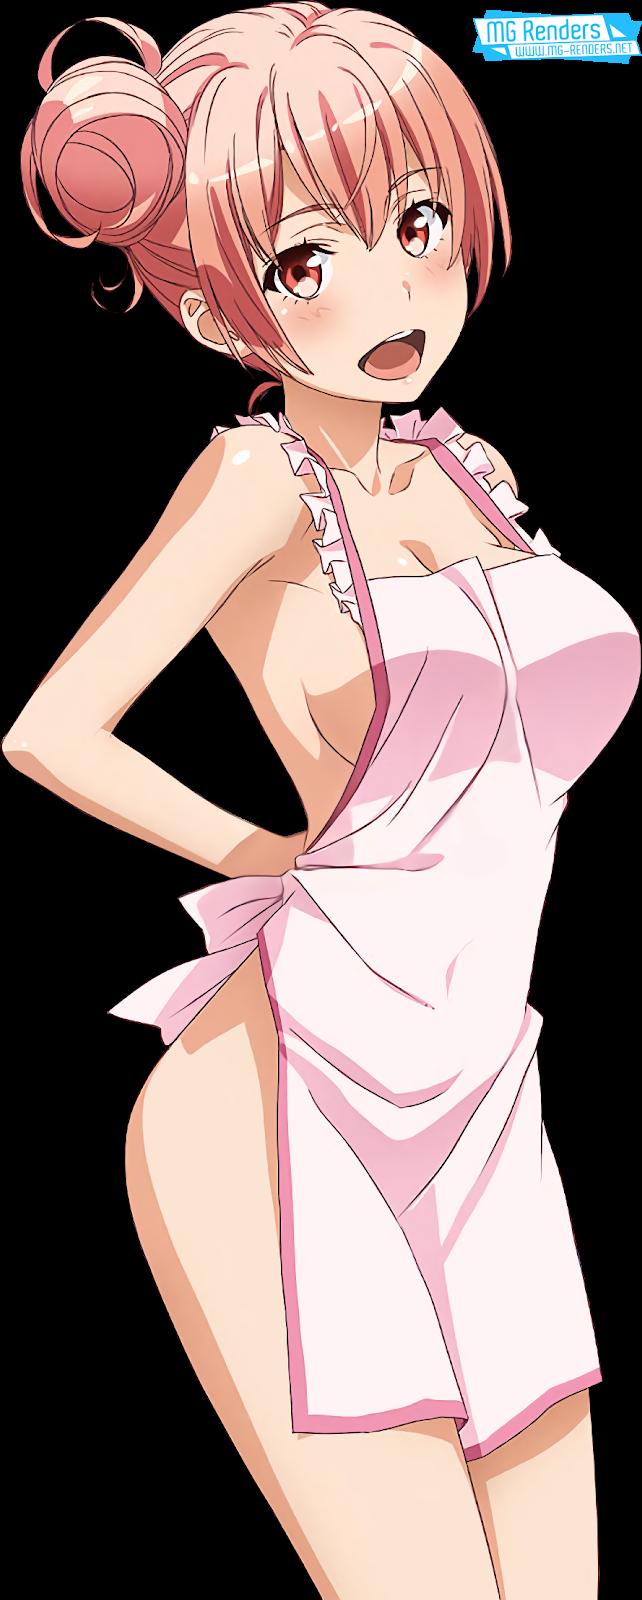 Tags: Anime, Render,  Hadaka Apron,  Hair bun,  No bra,  No panties,  Yahari Ore no Seishun Love Come wa Machigatteiru,  Yuigahama Yui, PNG, Image, Picture